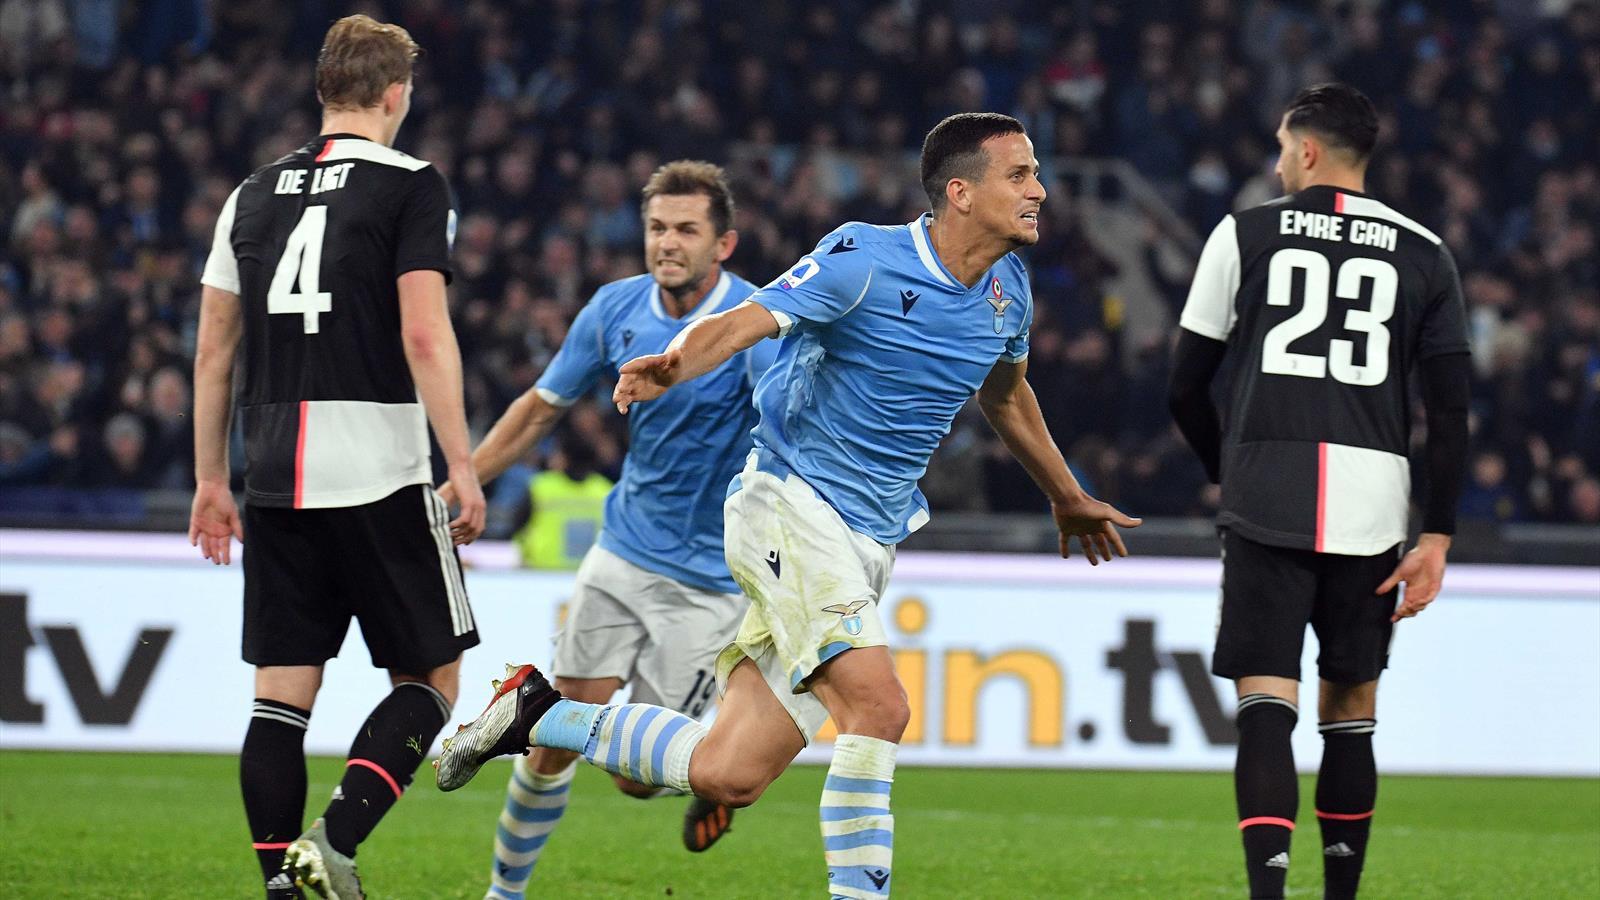 La Lazio se impone a la Juventus (3-1); el Inter sigue líder tras empatar frente a la Roma (0-0)